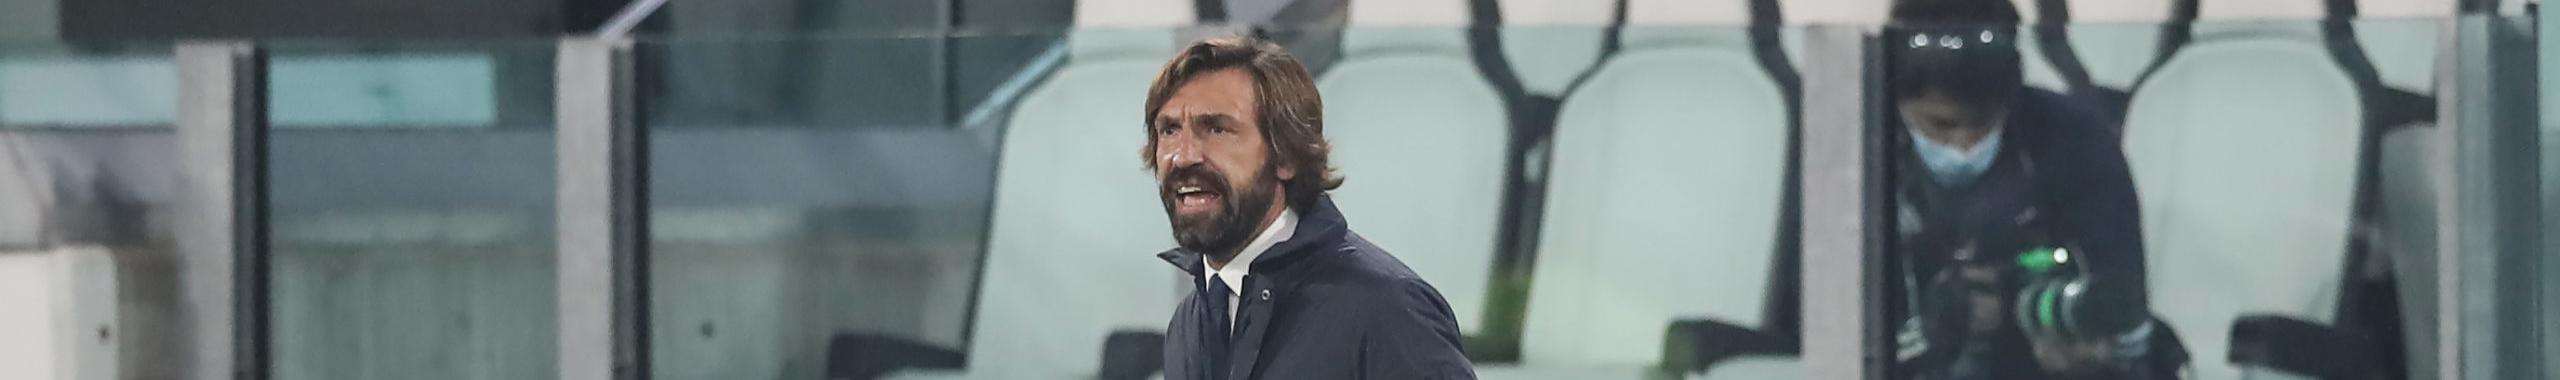 Pronostico Ferencvaros-Juventus: Pirlo ancora con il 4-4-2, Dybala out per CR7 - le ultimissime